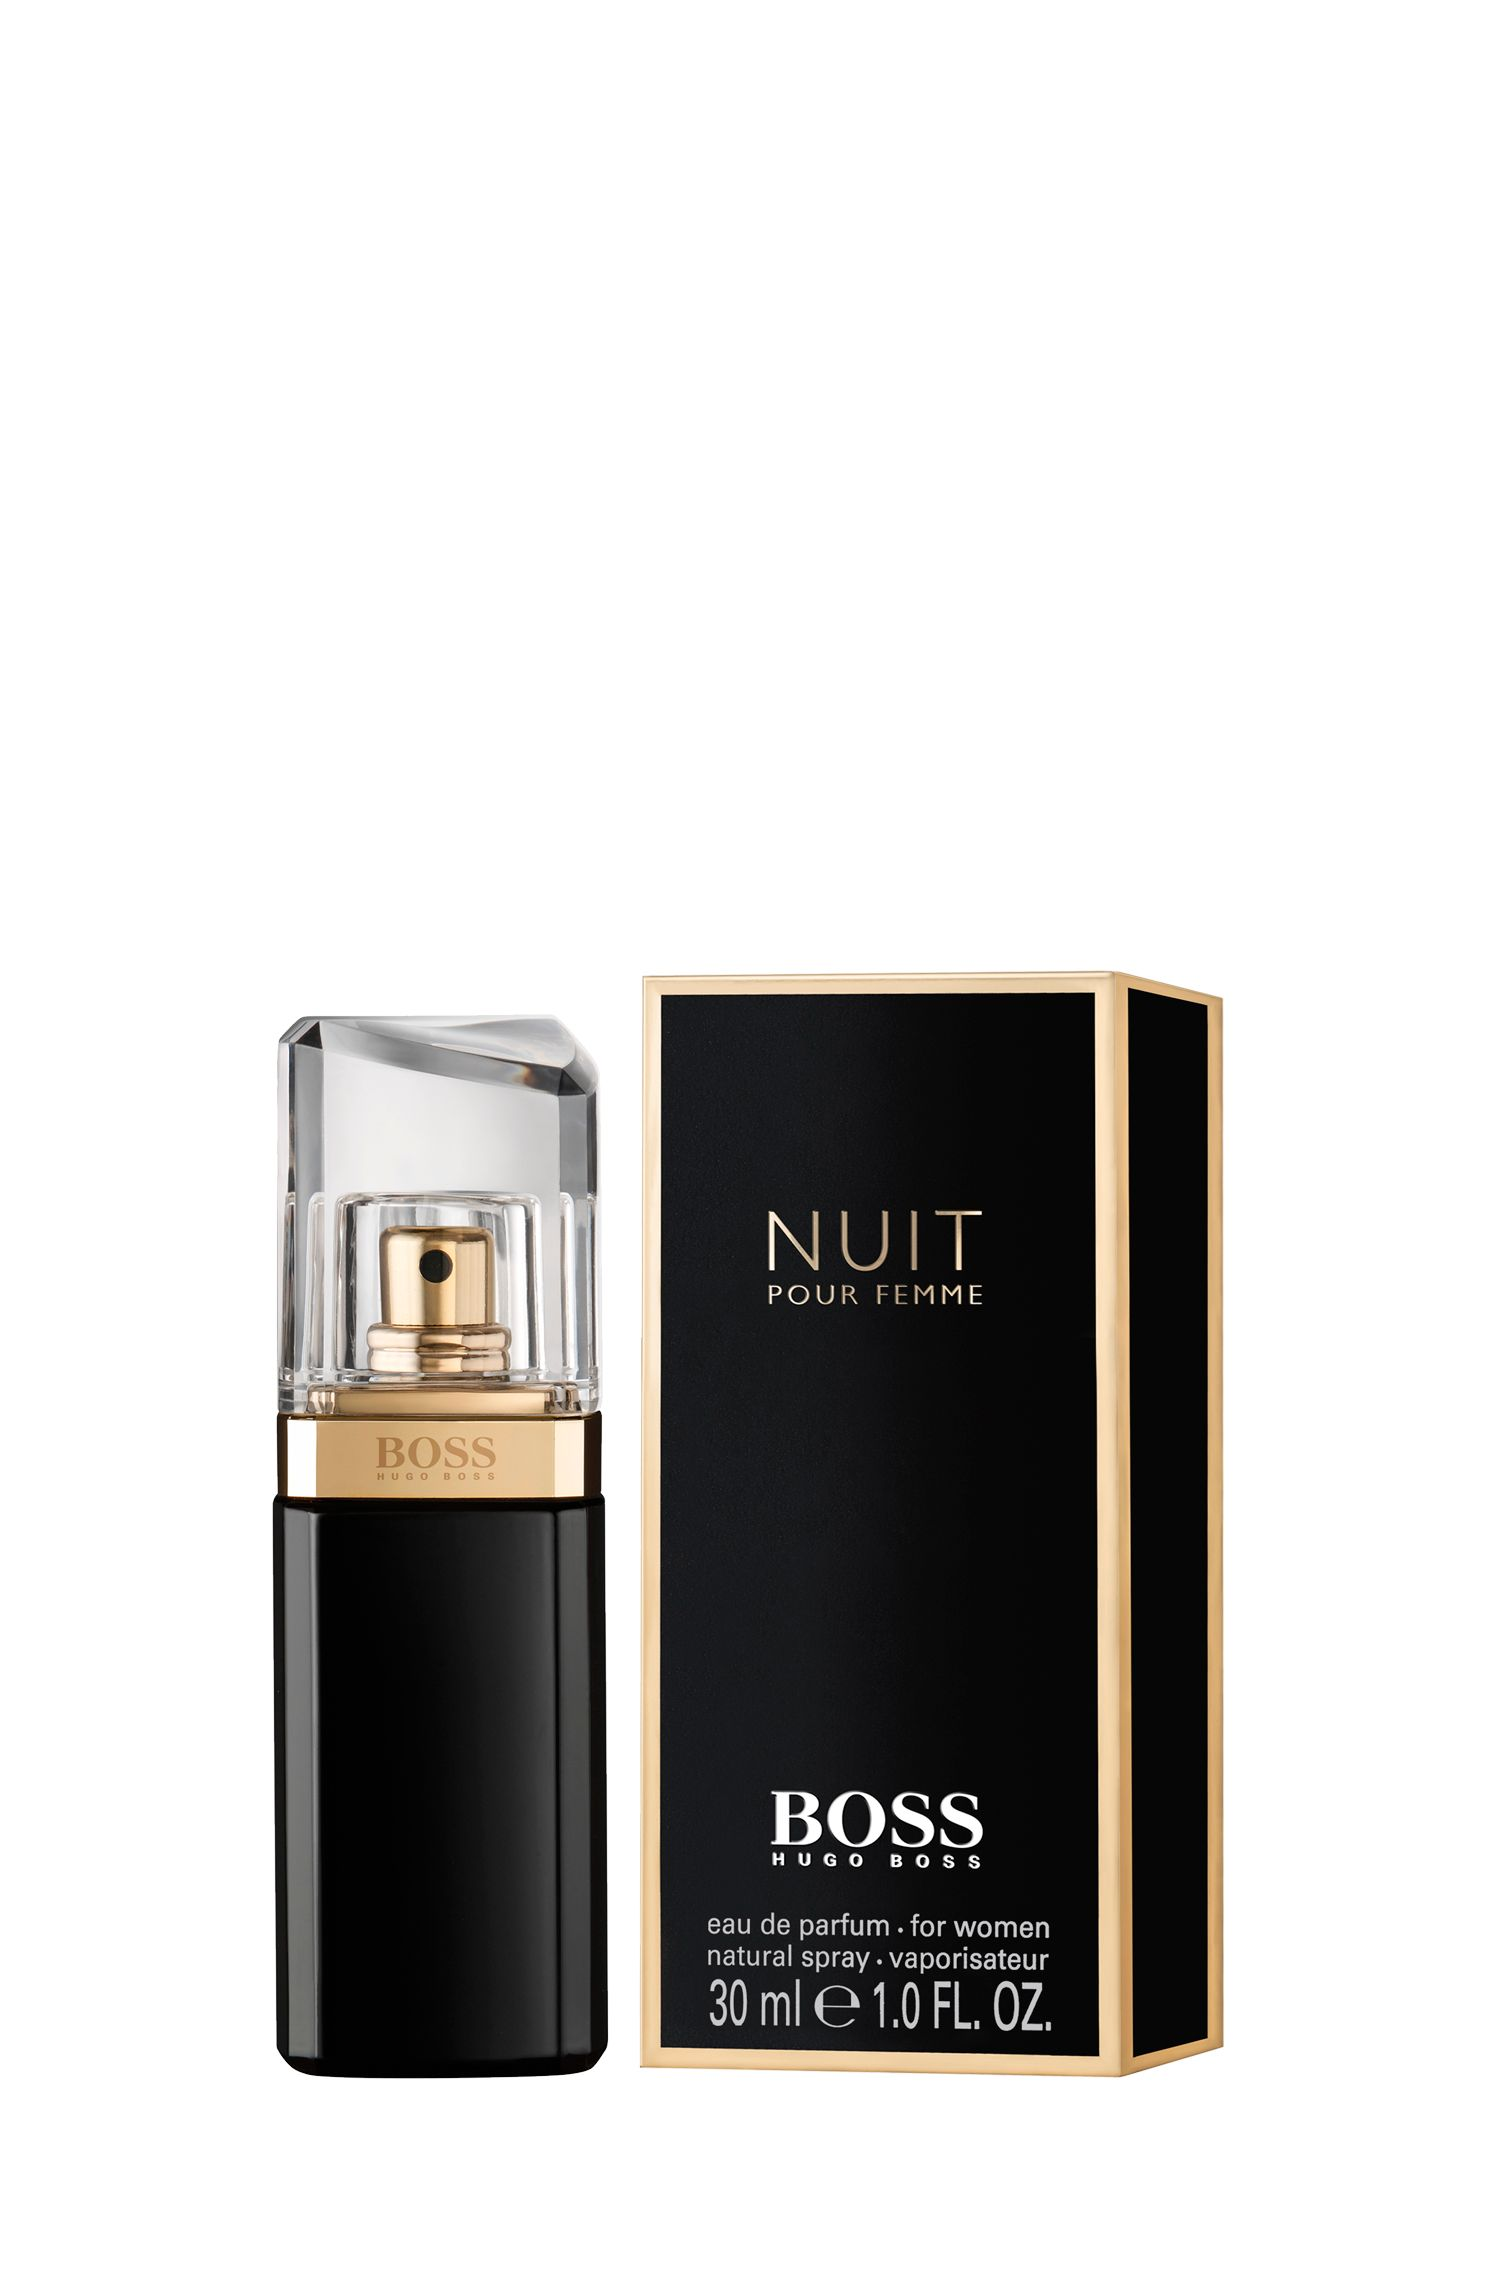 BOSS Nuit Pour Femme Eau de Parfum 30ml